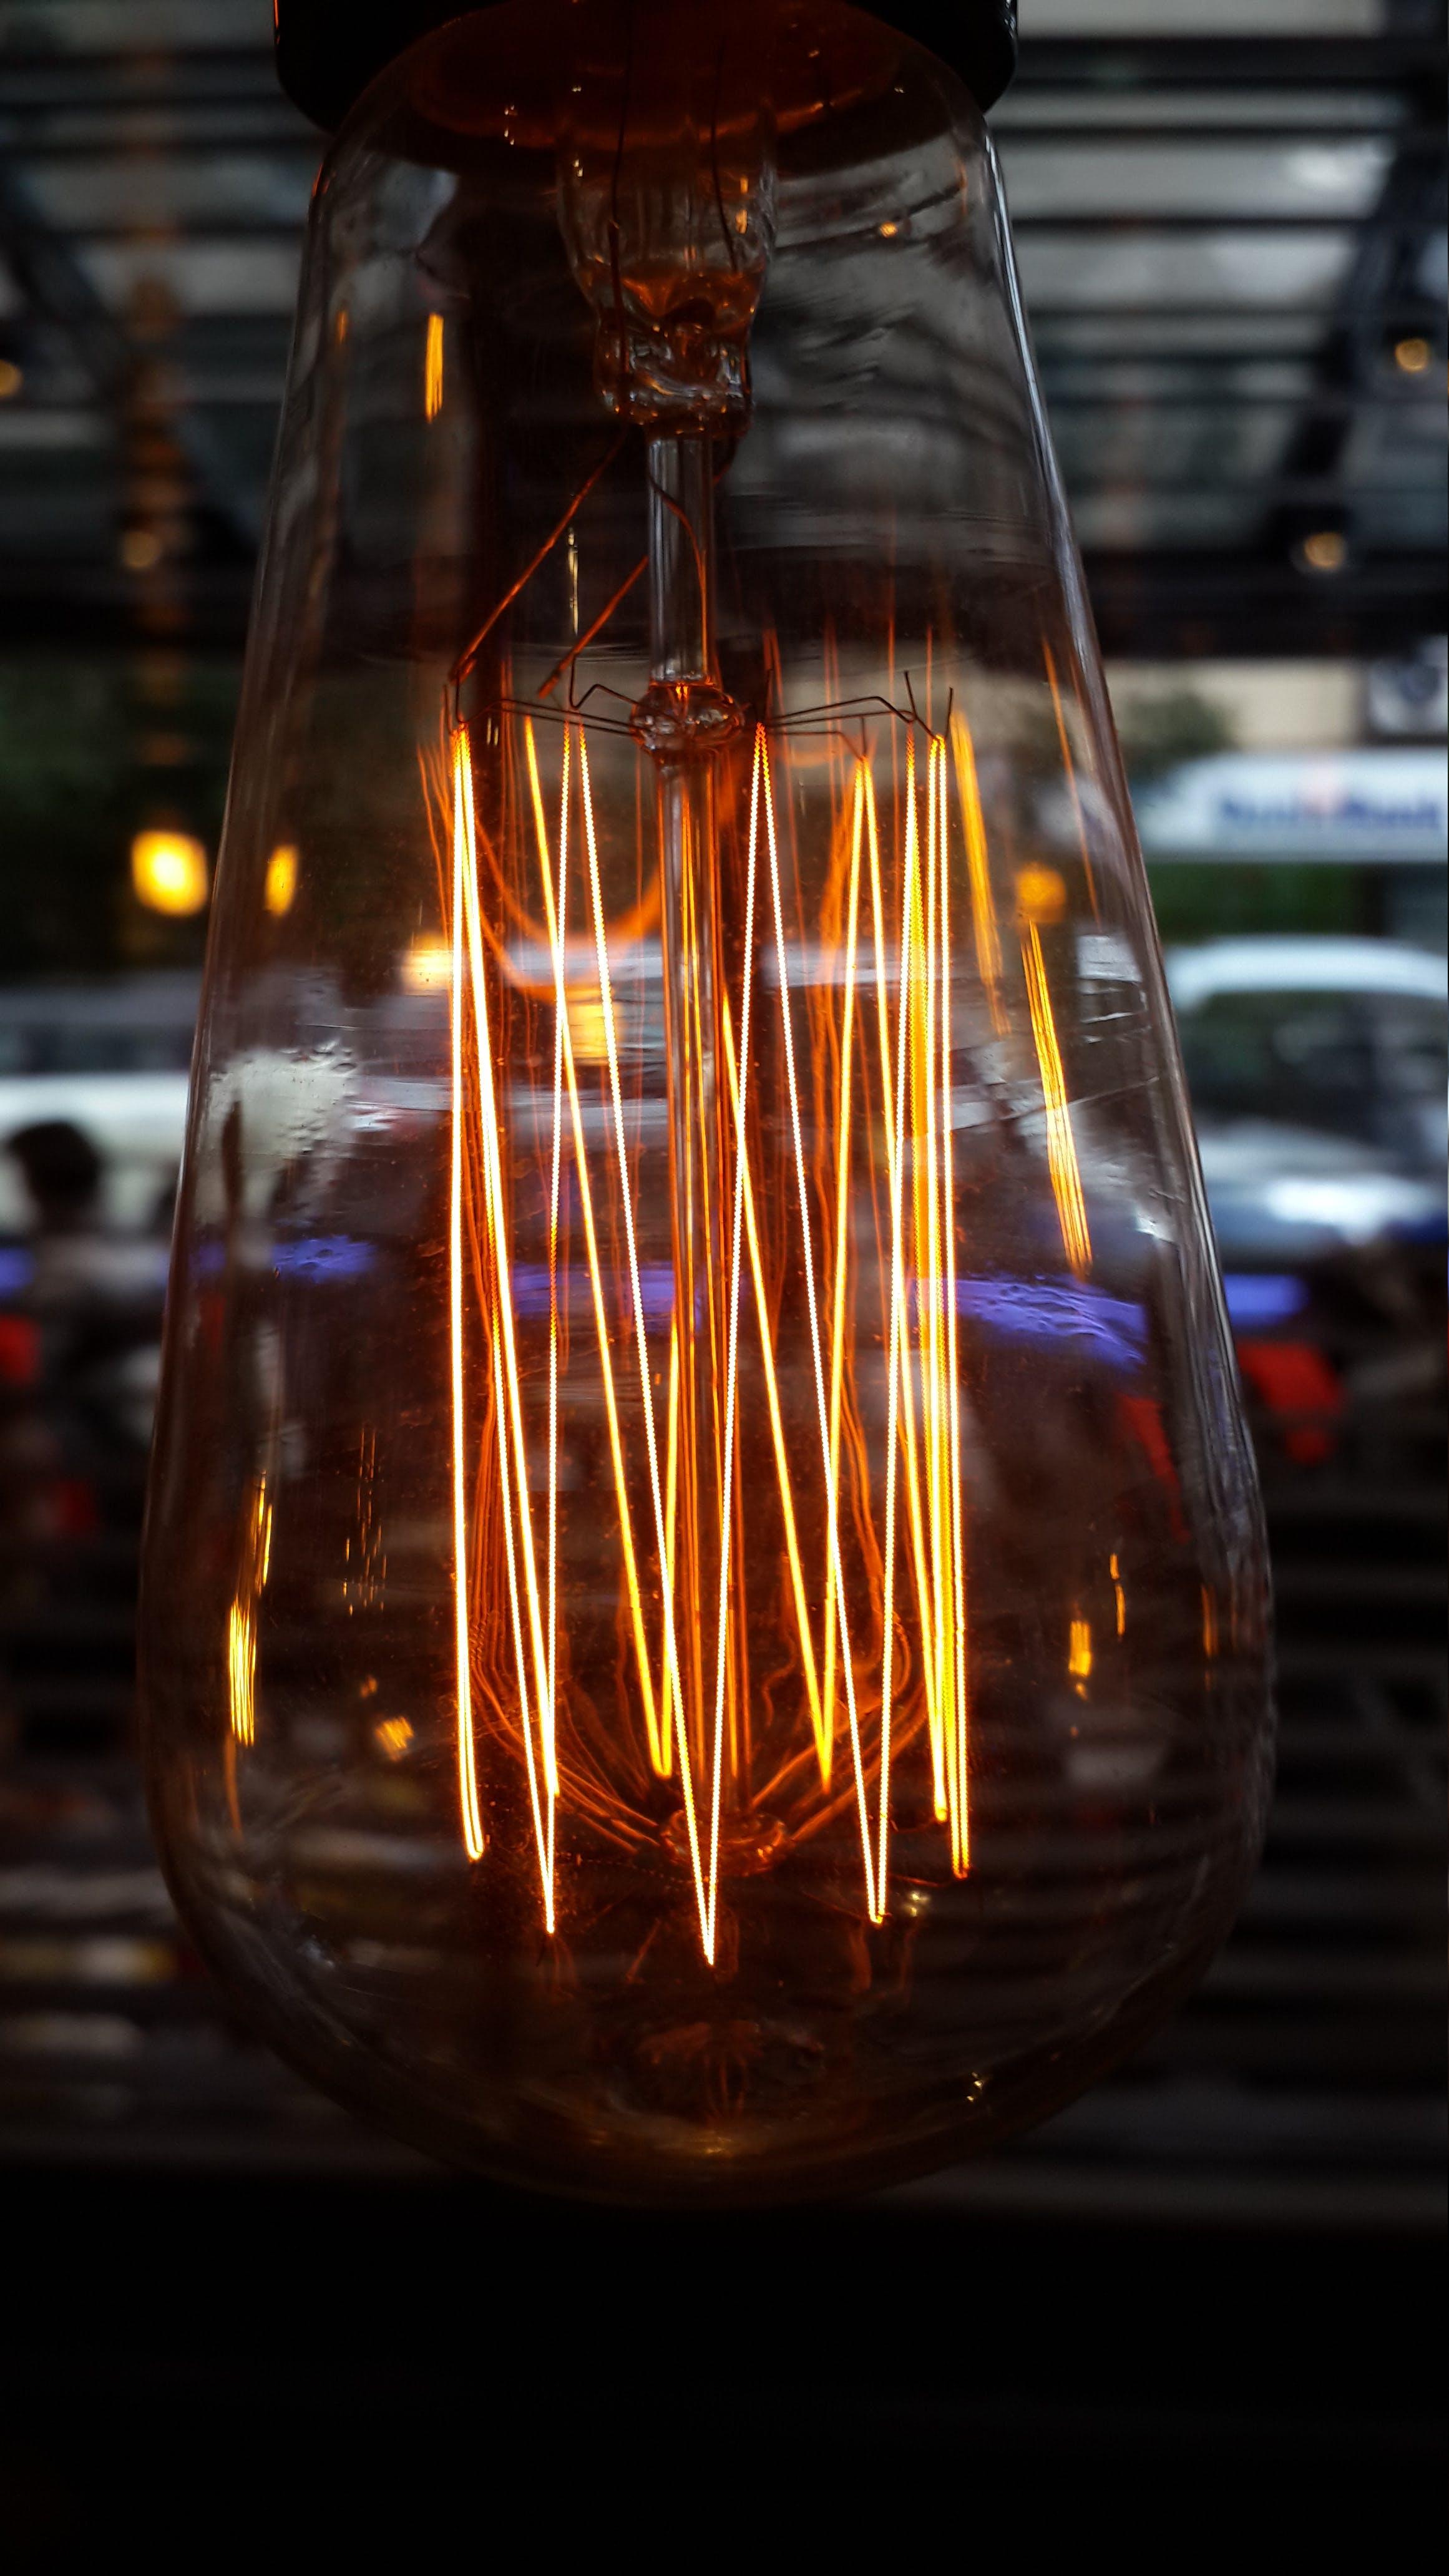 Základová fotografie zdarma na téma elektrické světlo, lehký, městské osvětlení, osvětlení měst